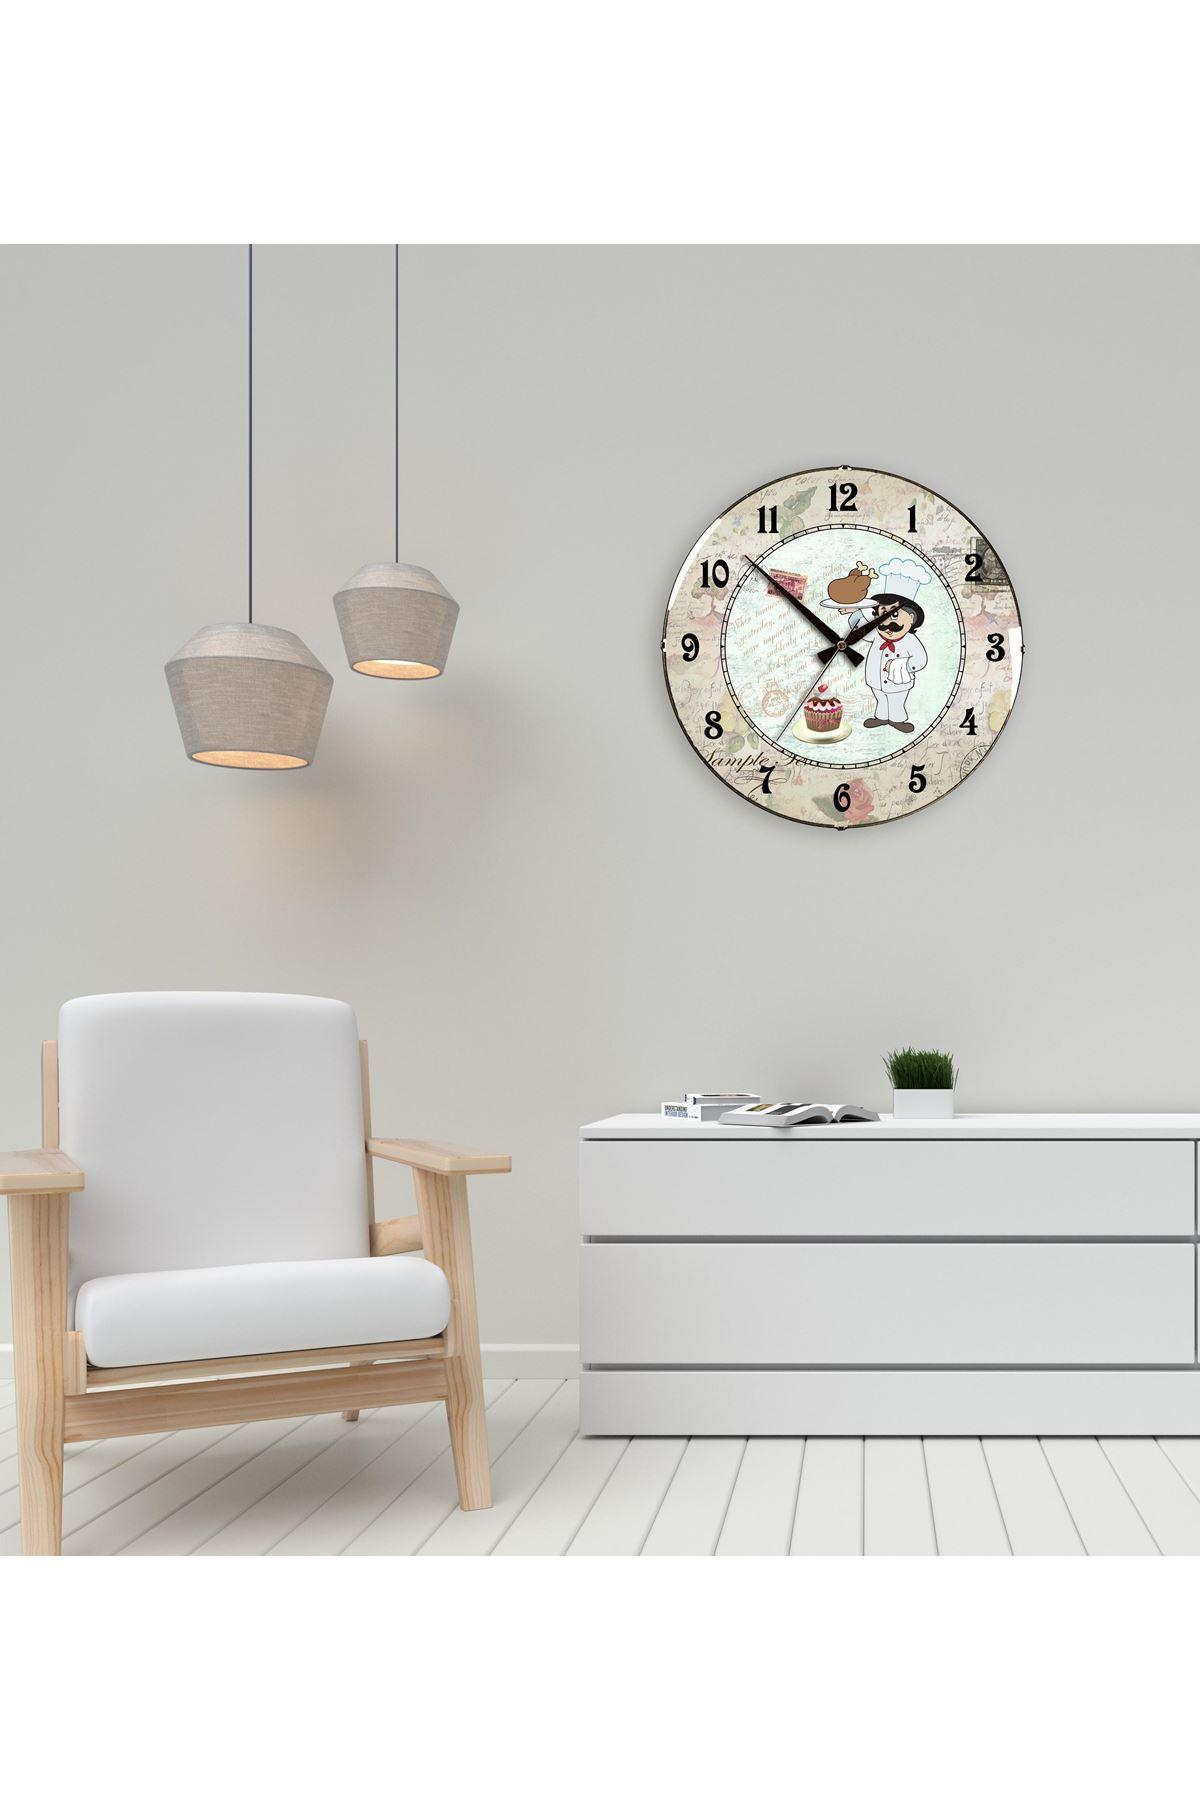 Rikon Mutfak Saati Dekoratif Bombe Camlı Duvar Saati 35X35 Cm